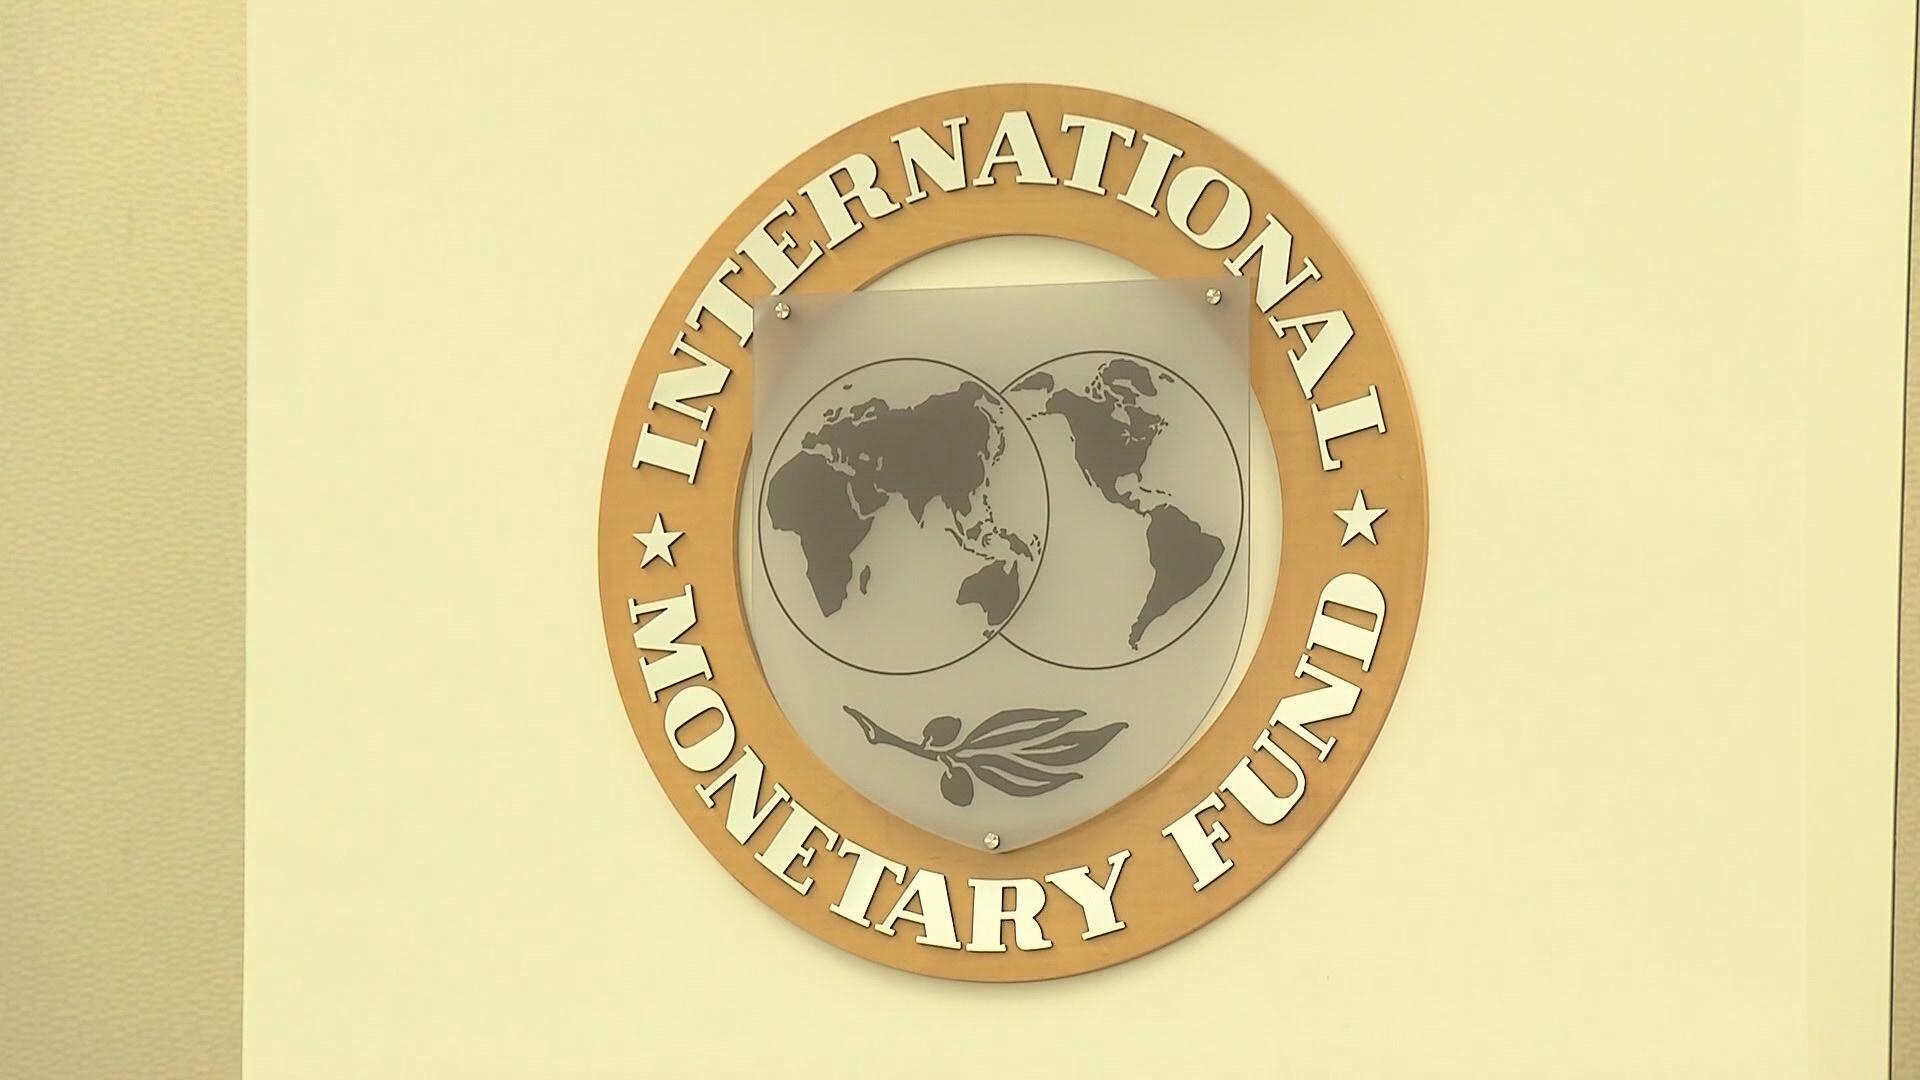 國基會:新冠疫情對經濟損害較08年金融海嘯嚴重